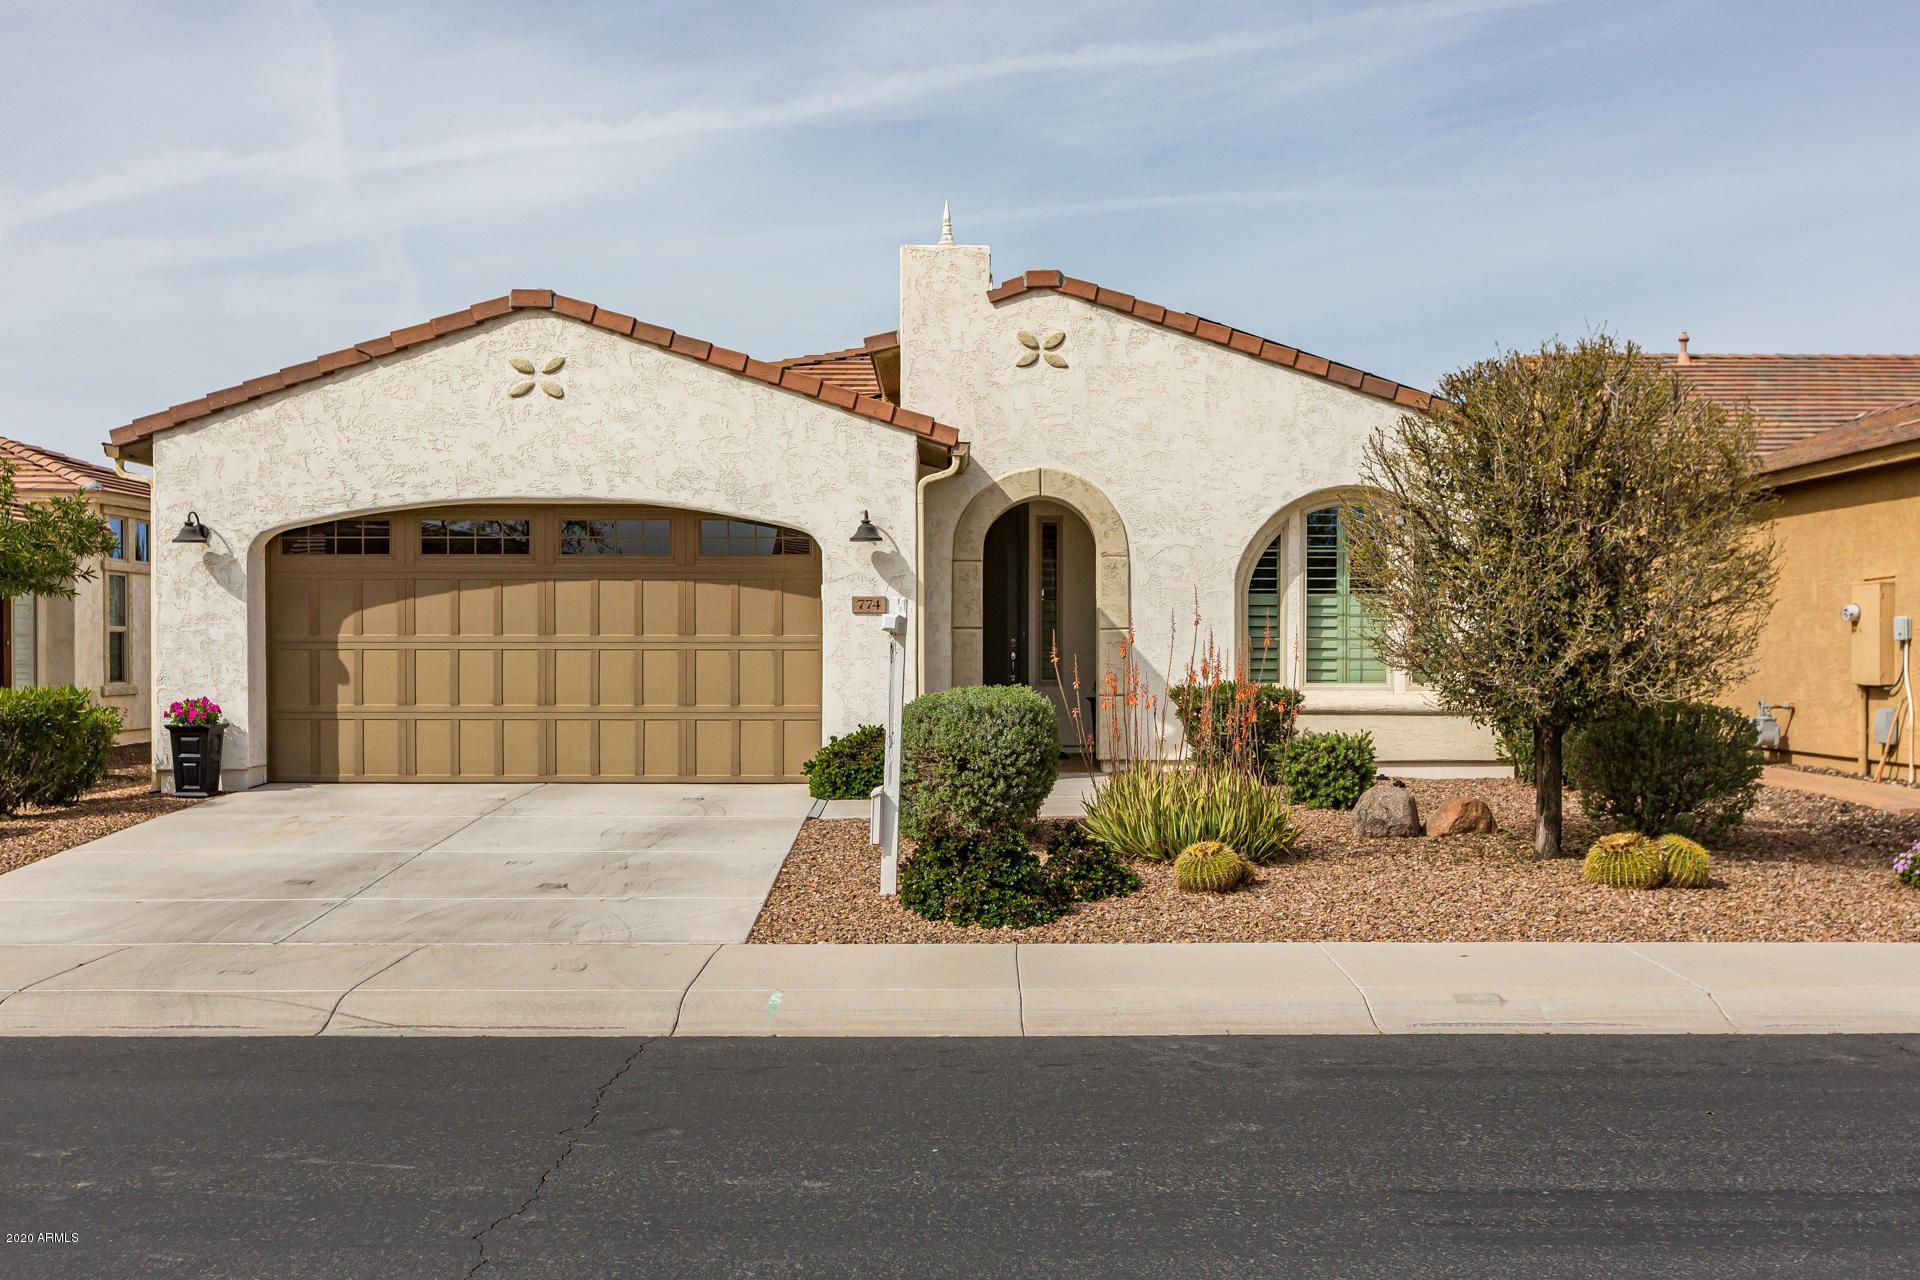 774 E VESPER Trail, San Tan Valley, AZ 85140 - #: 6051744